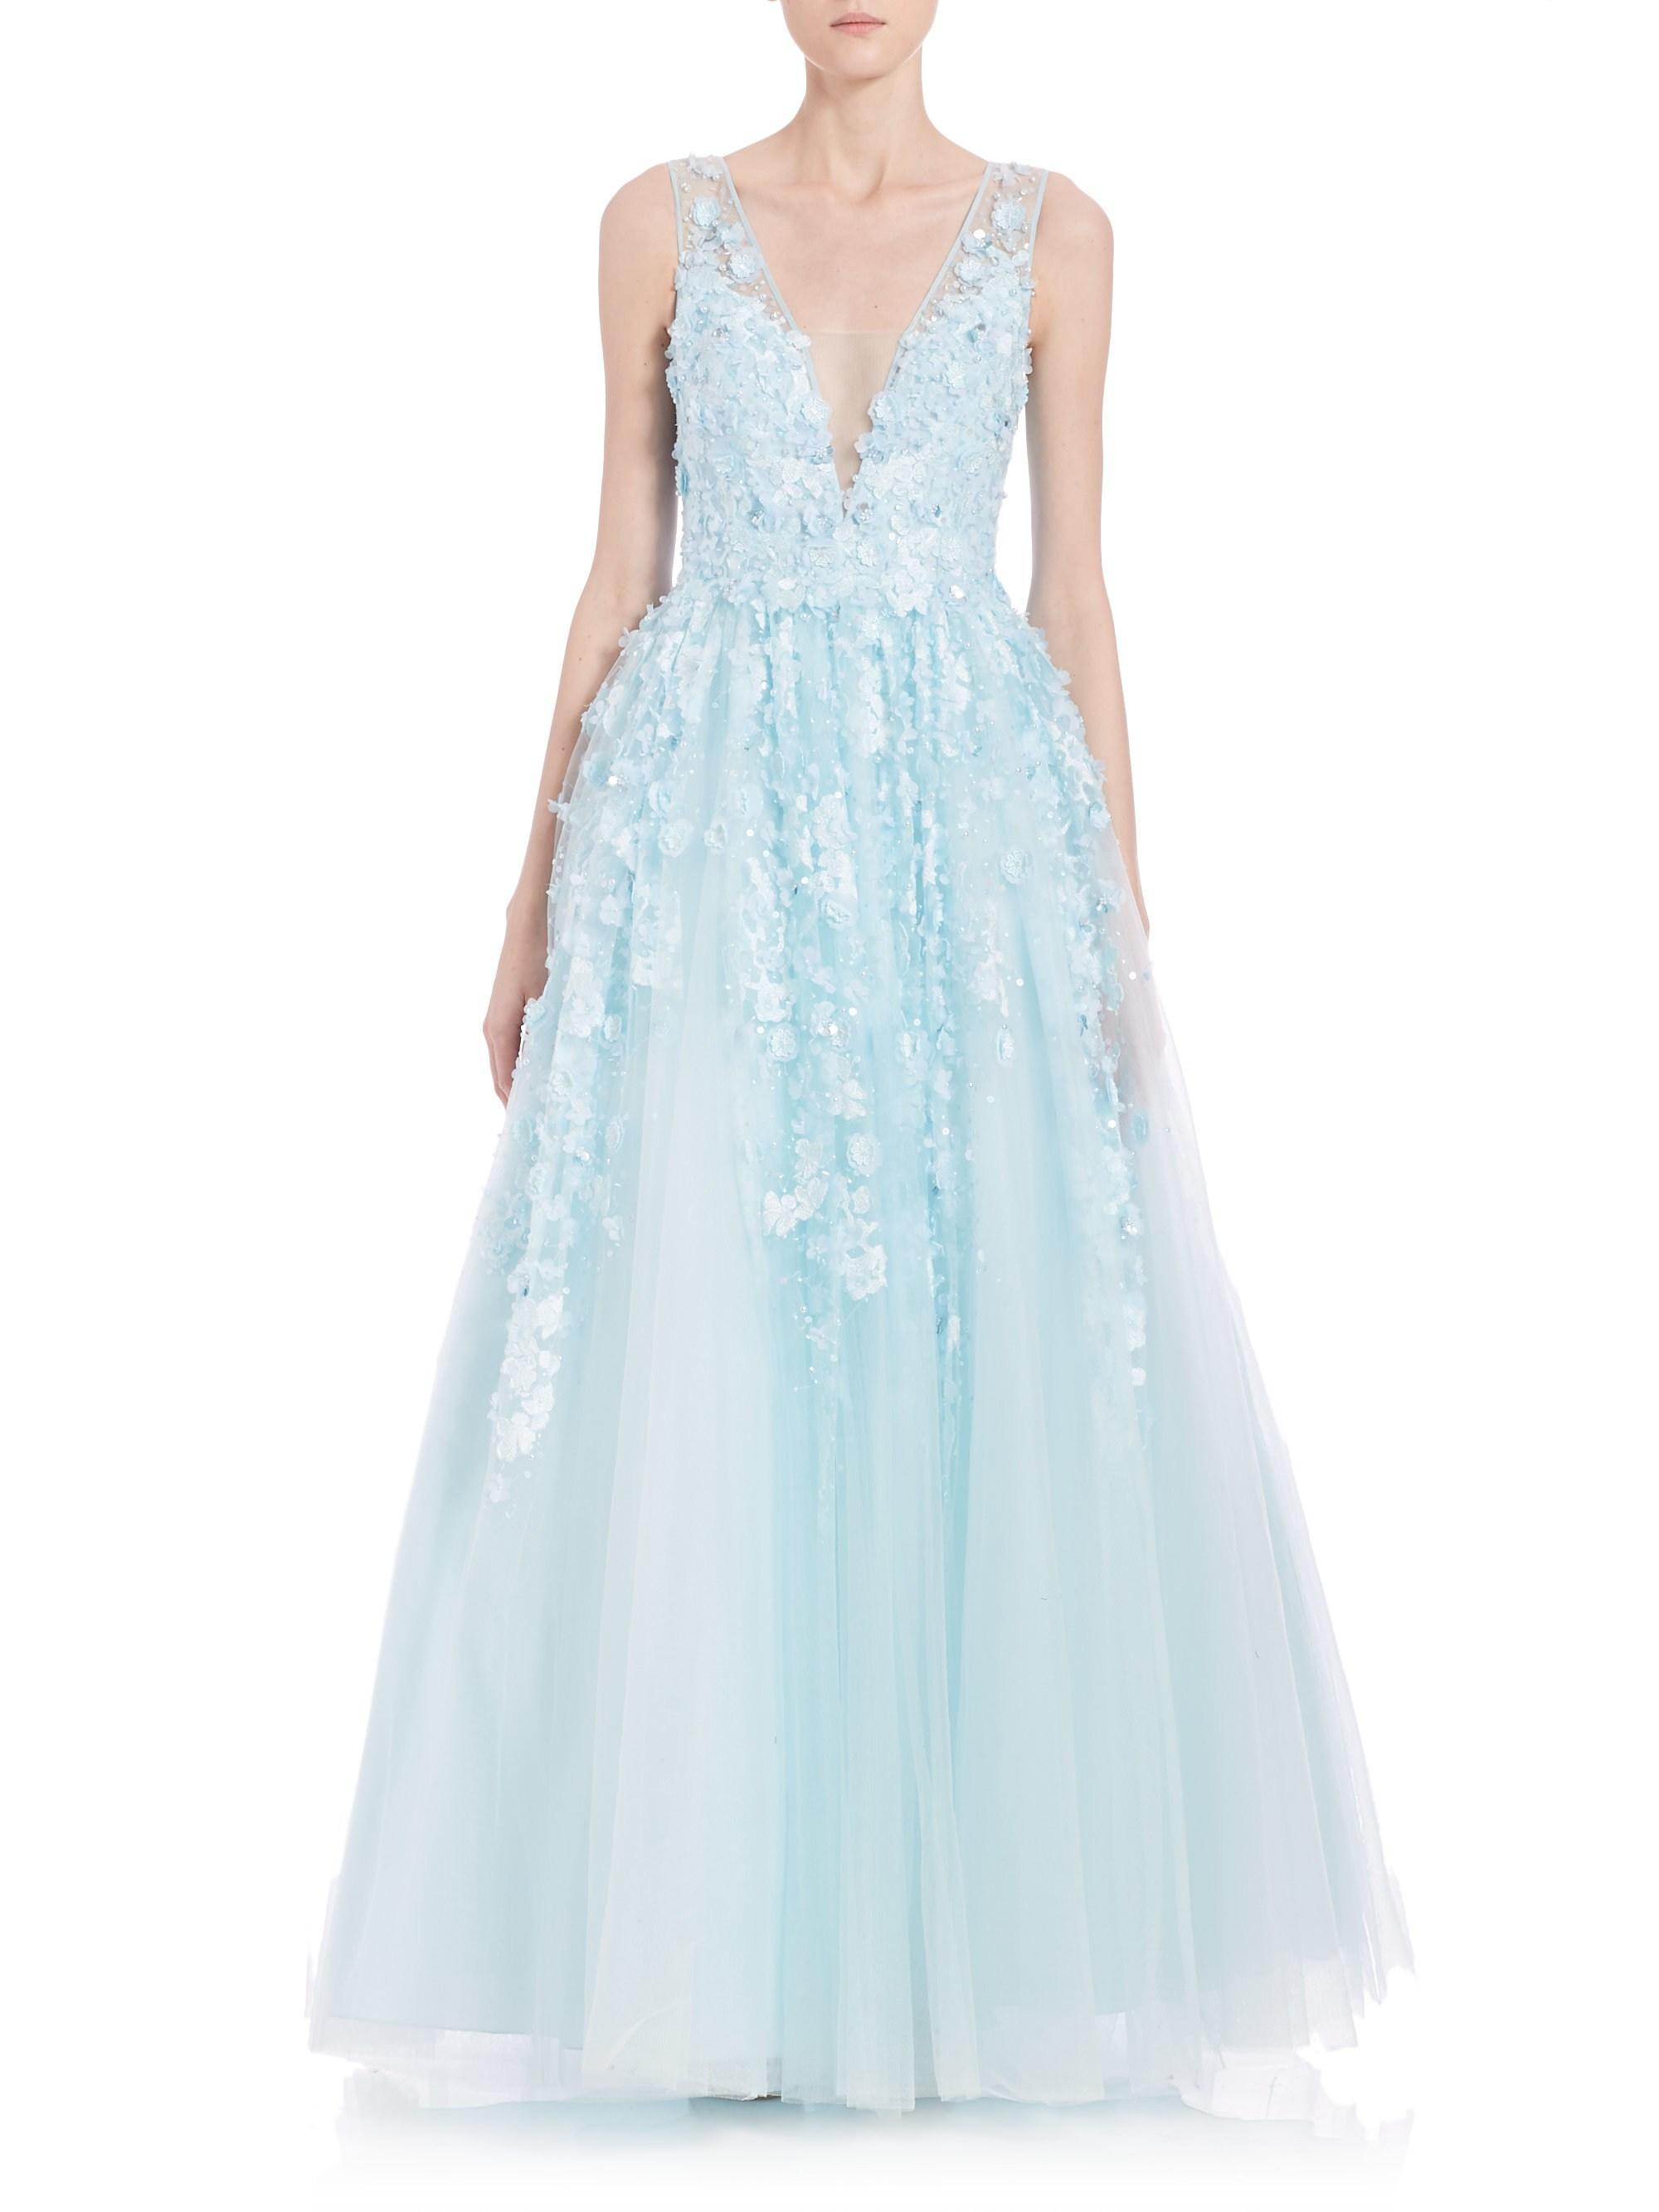 130e3a5a9cc7 Lyst - Basix Black Label Floral Appliqué Gown in Blue